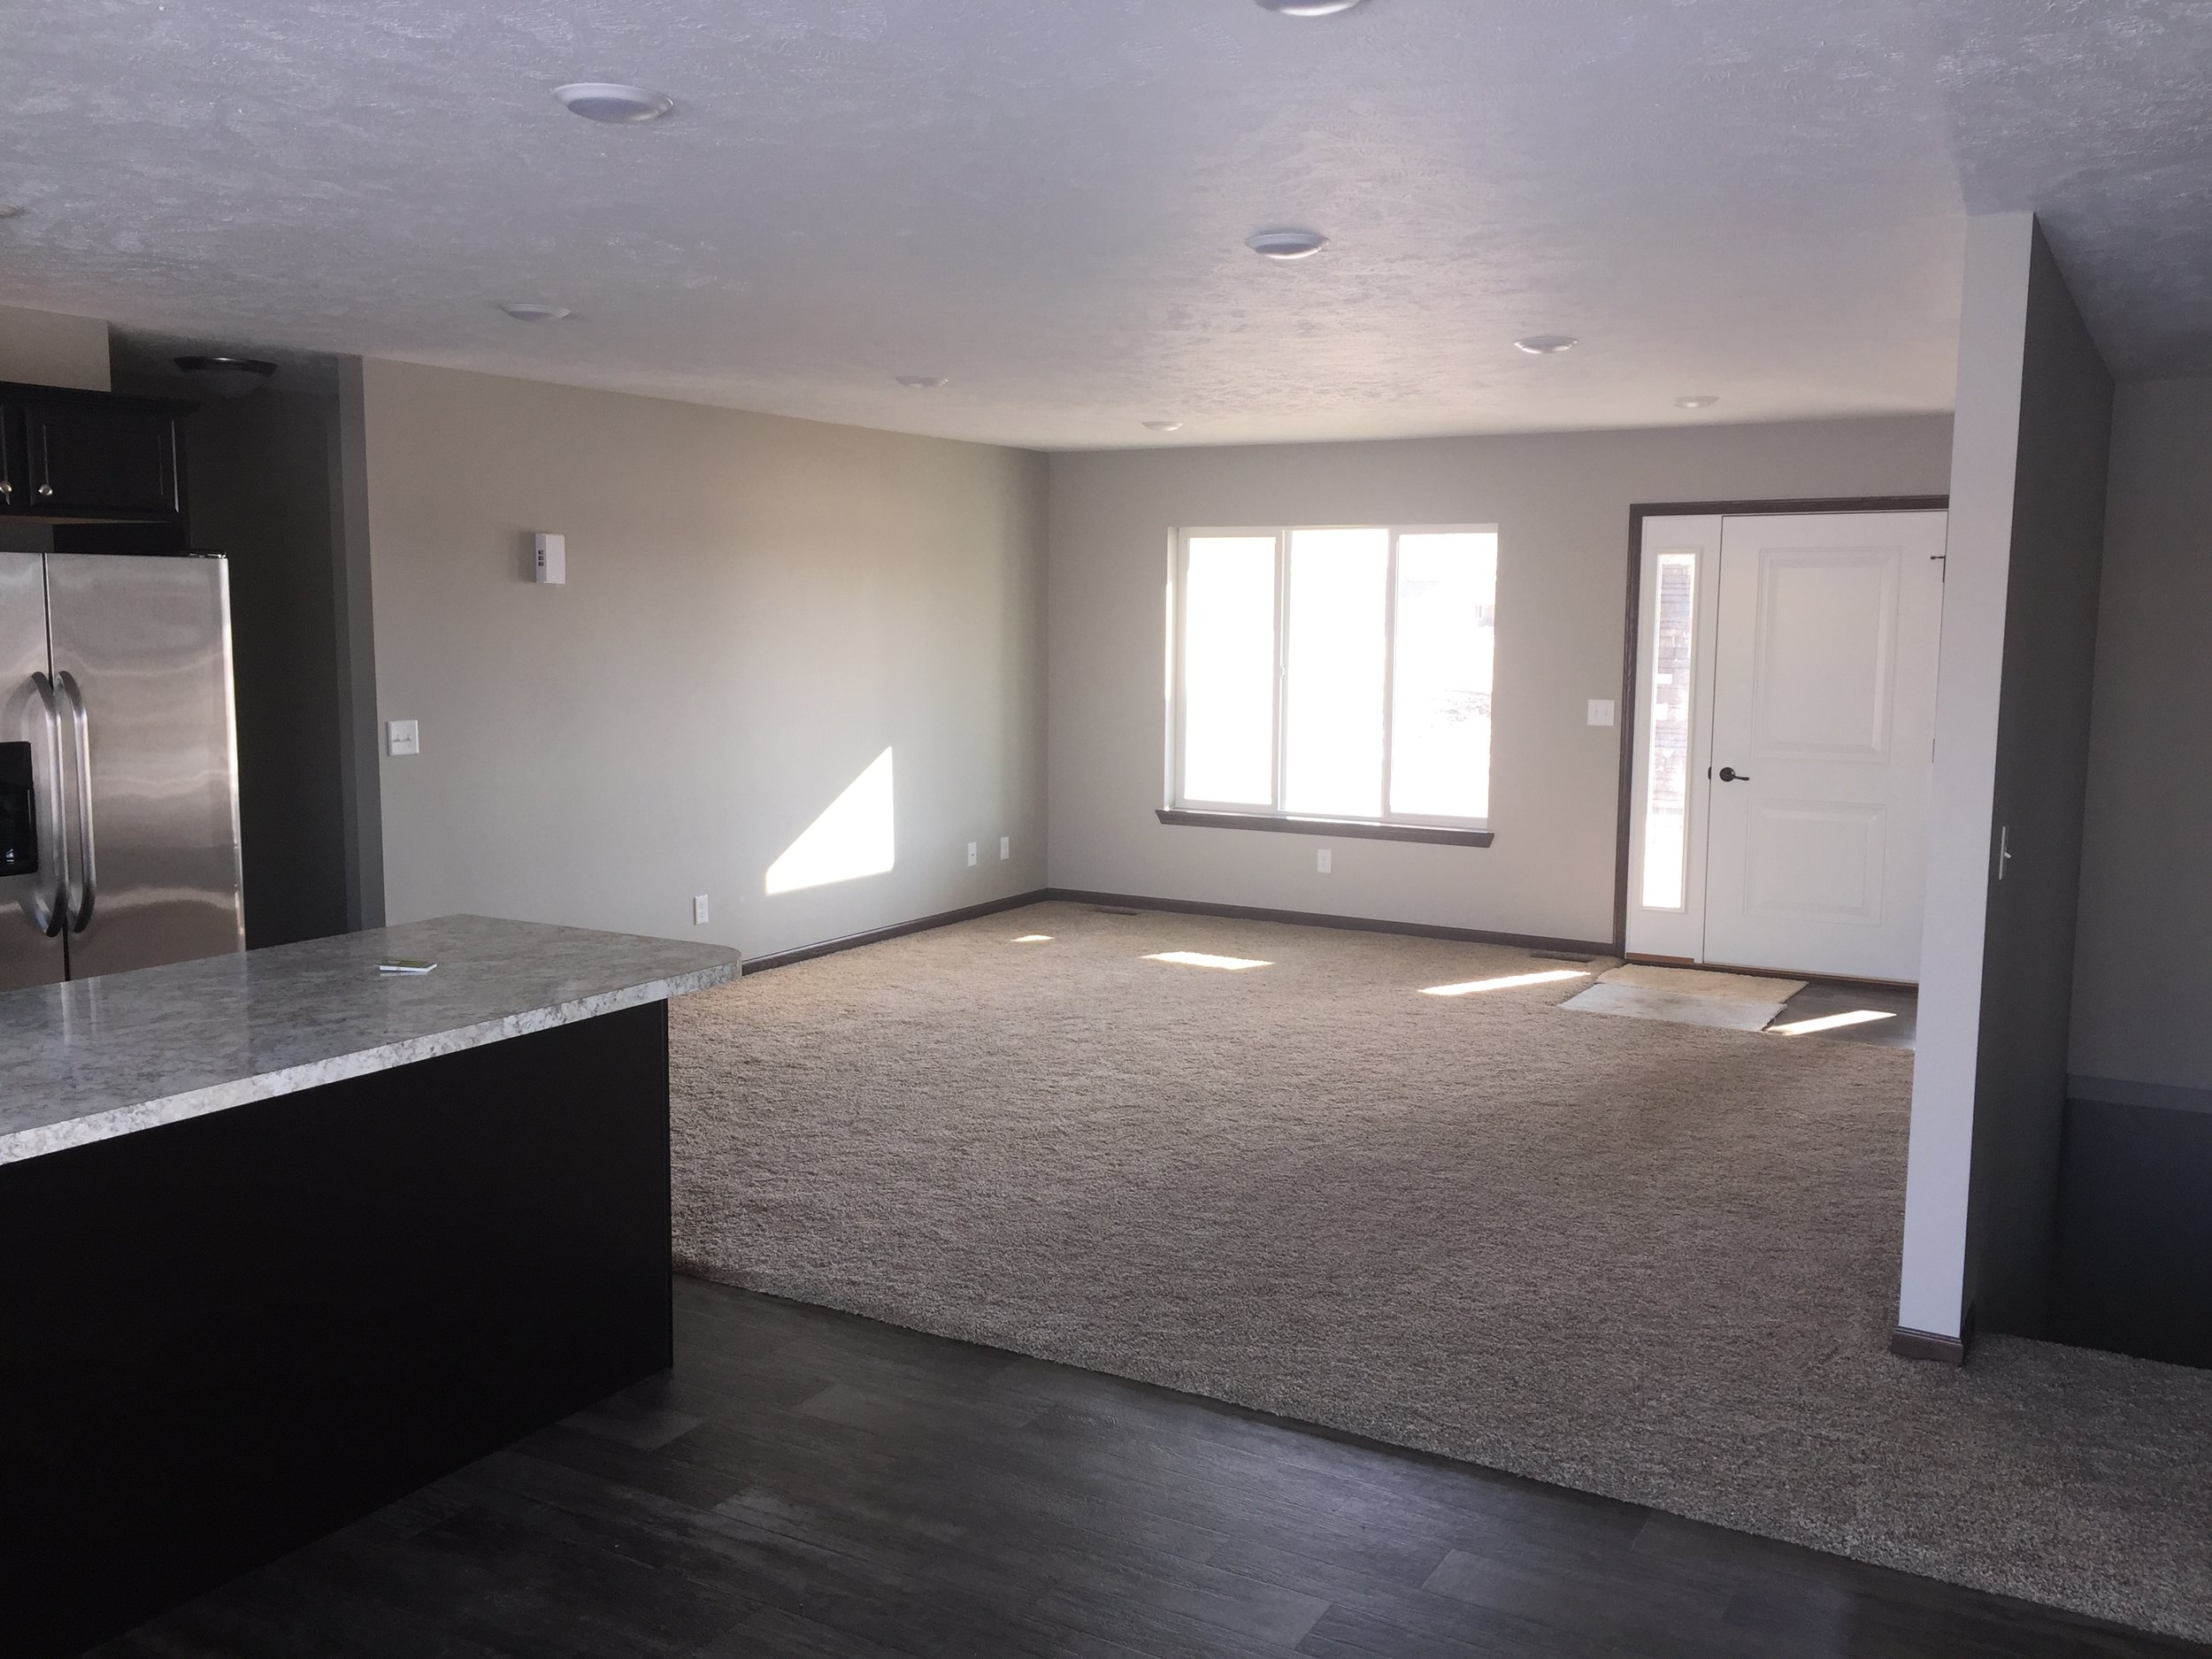 Lot 8-Living Room.jpg